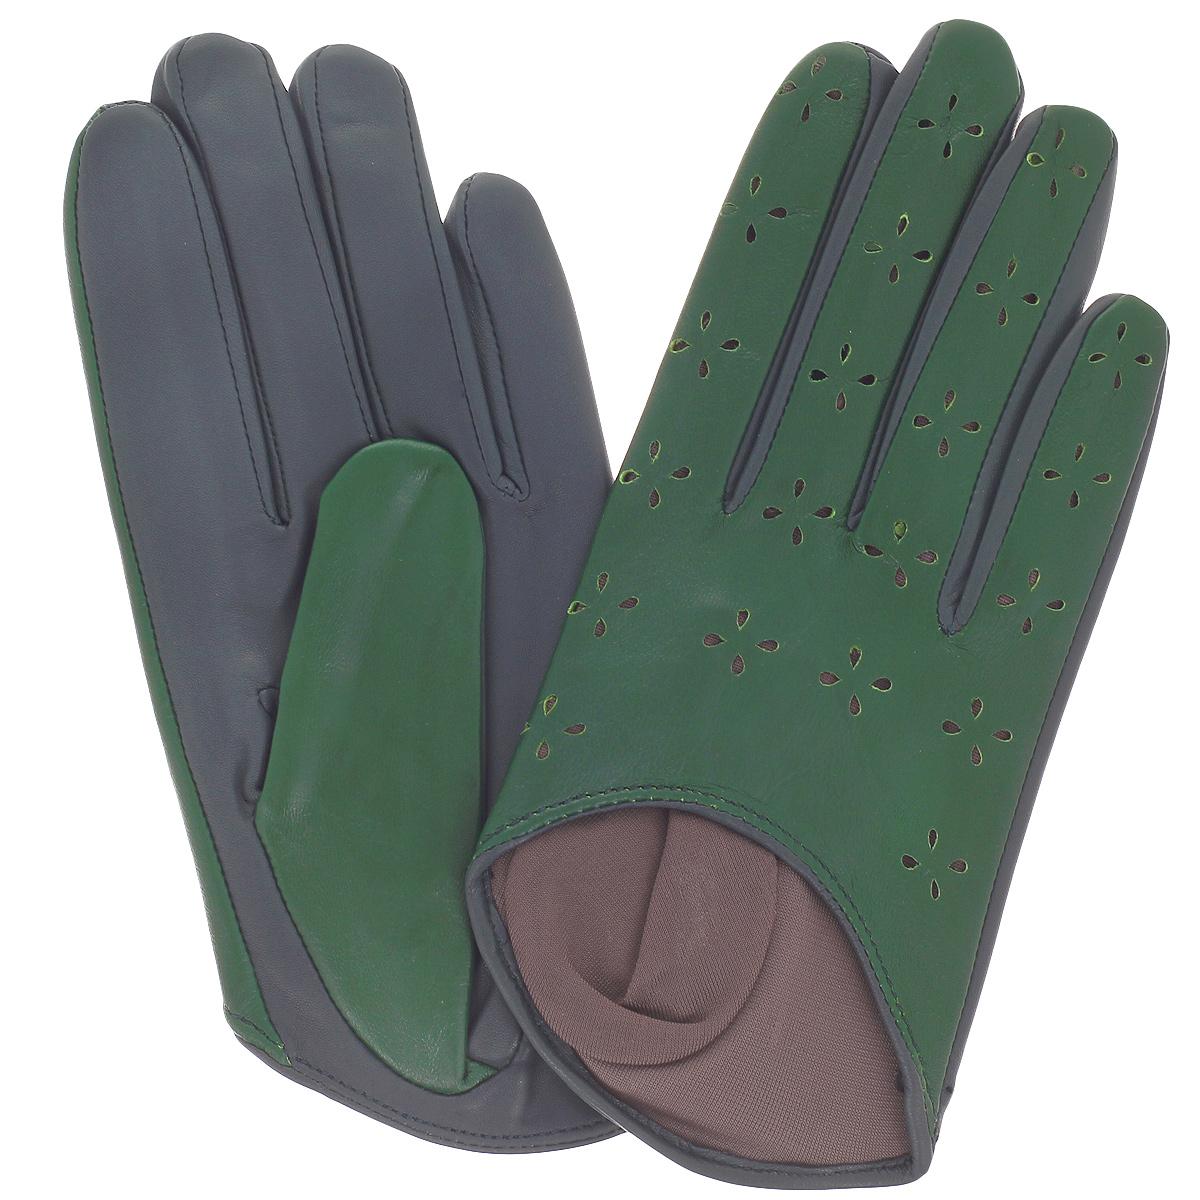 Перчатки женские. K81-H1K81-H1/ELСтильные перчатки Michel Katana с шелковой подкладкой выполнены из мягкой и приятной на ощупь натуральной кожи ягненка и оформлены декоративной перфорацией. Перчатки станут достойным элементом вашего стиля и сохранят тепло ваших рук. Это не просто модный аксессуар, но и уникальный авторский стиль, наполненный духом севера Франции.